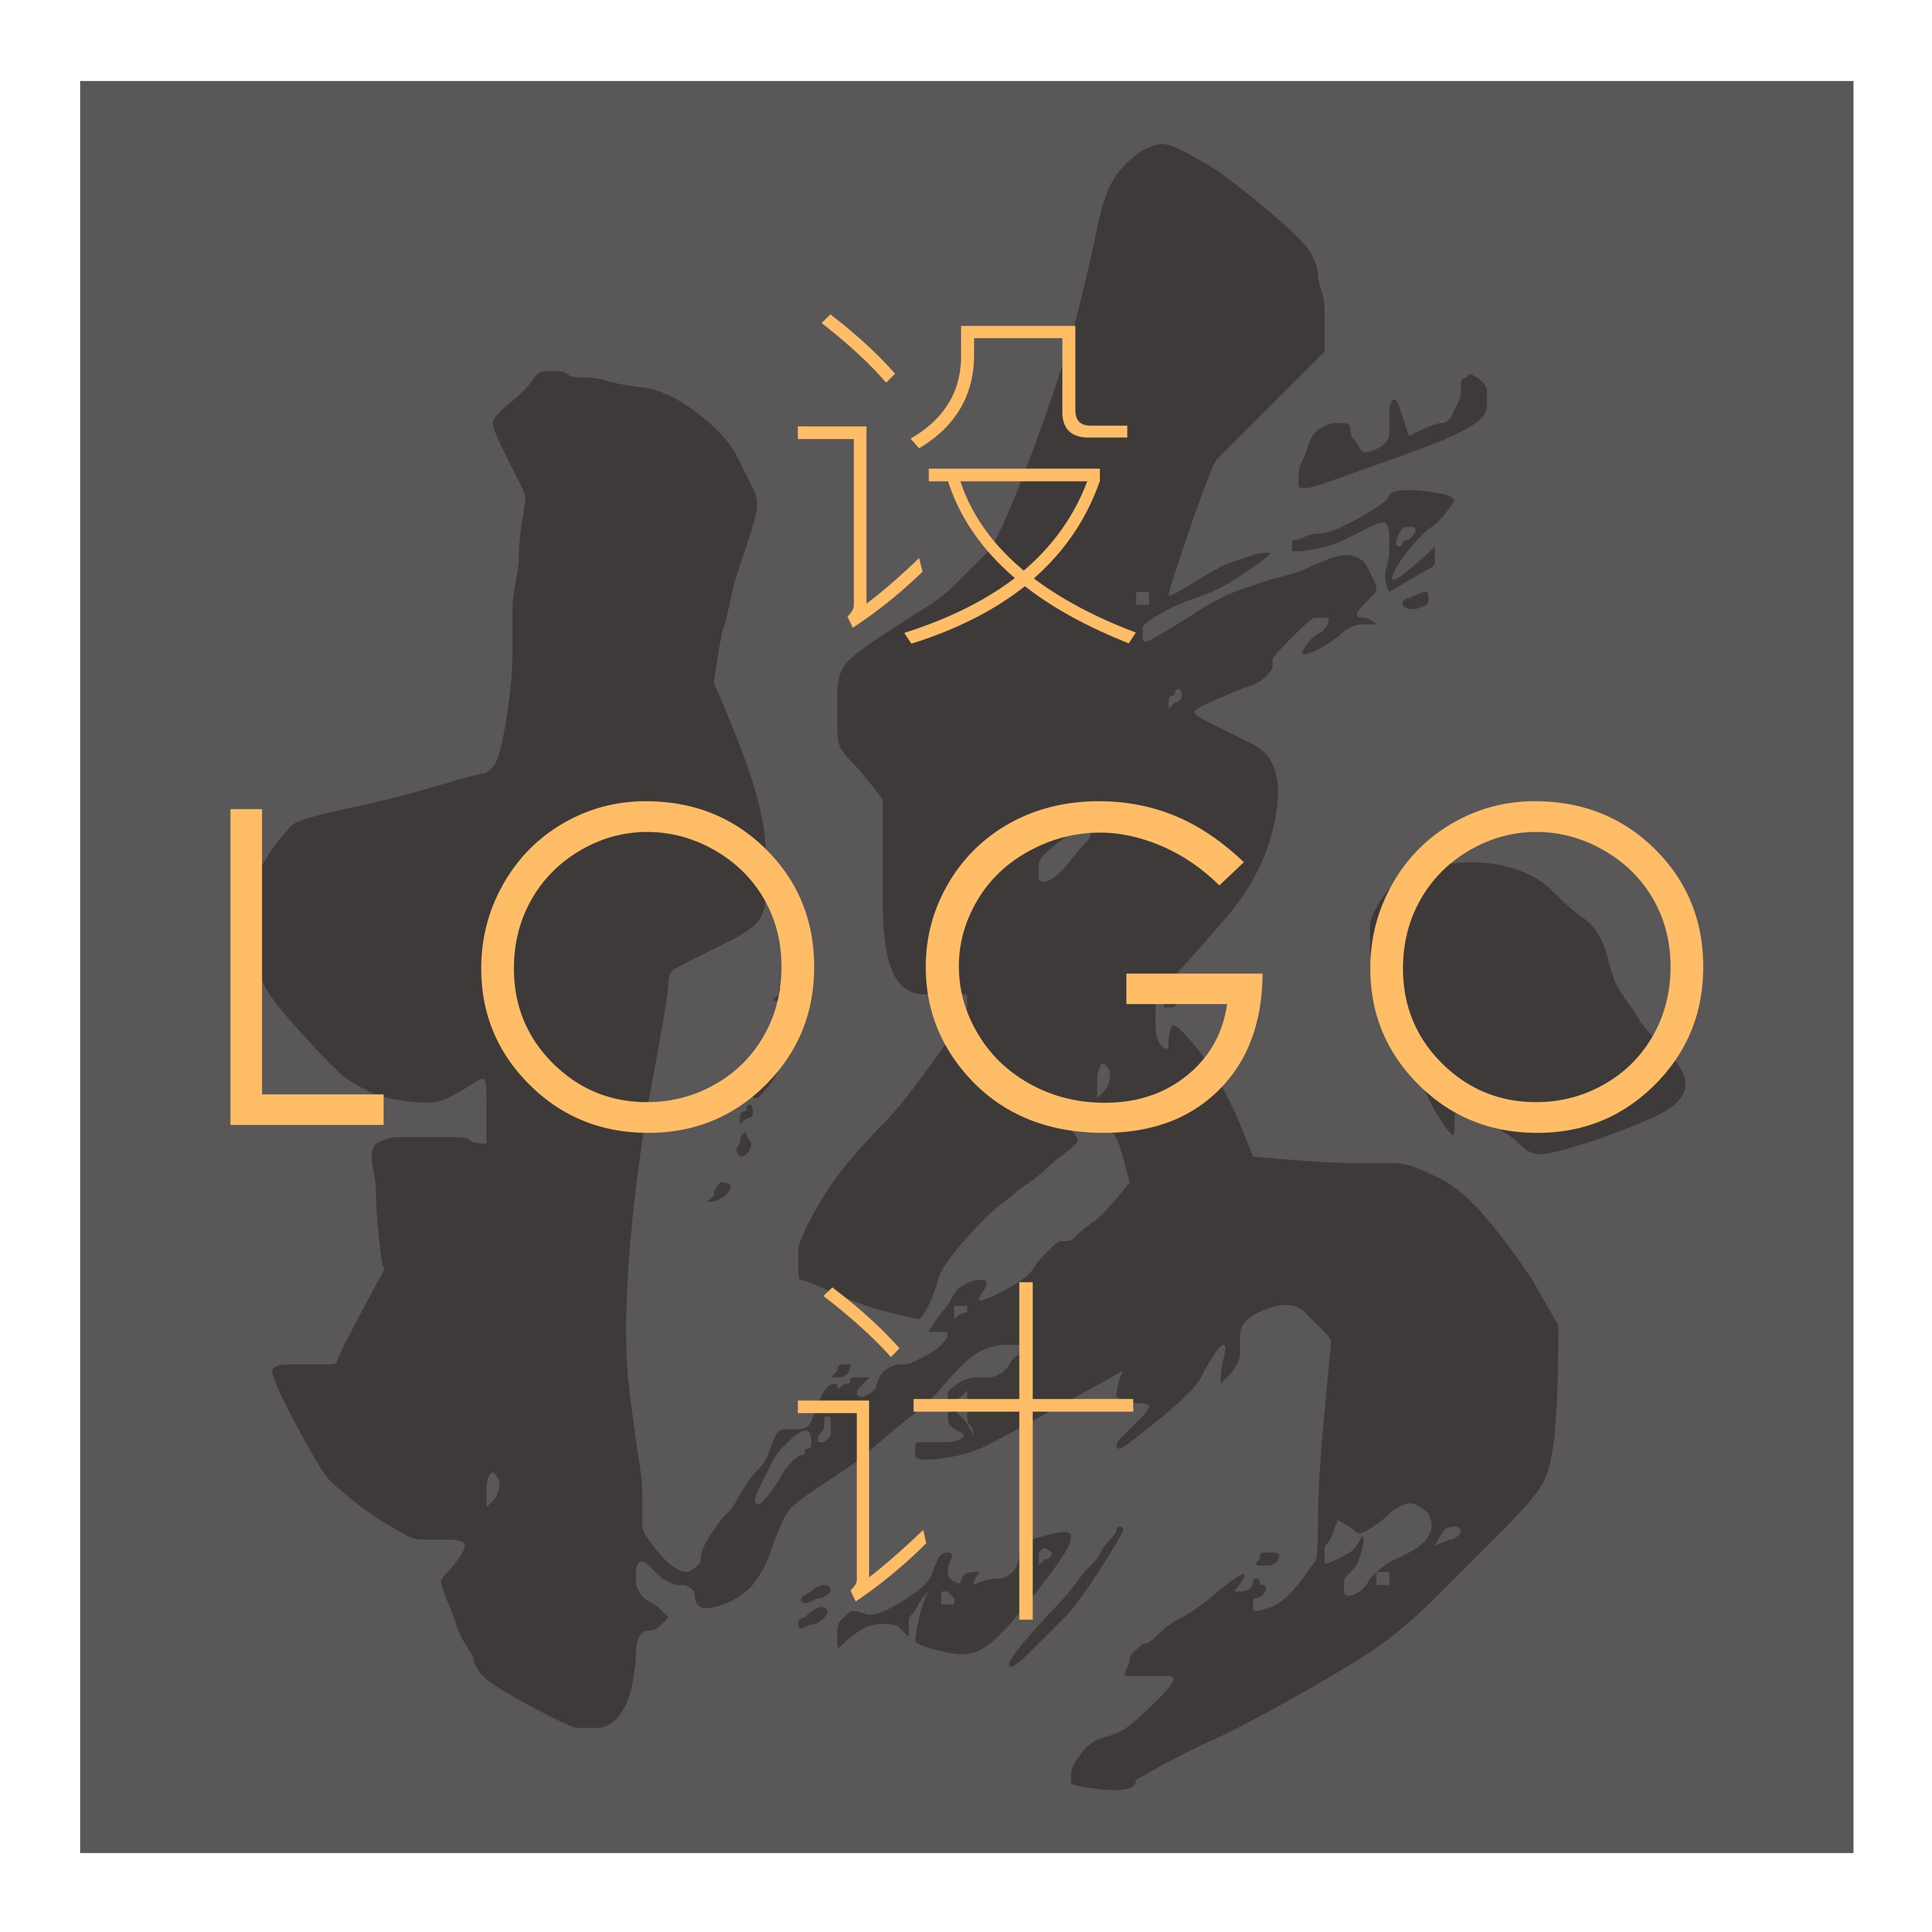 【大树设计】logo企业公司餐饮品牌房地产标志设计LOGO设